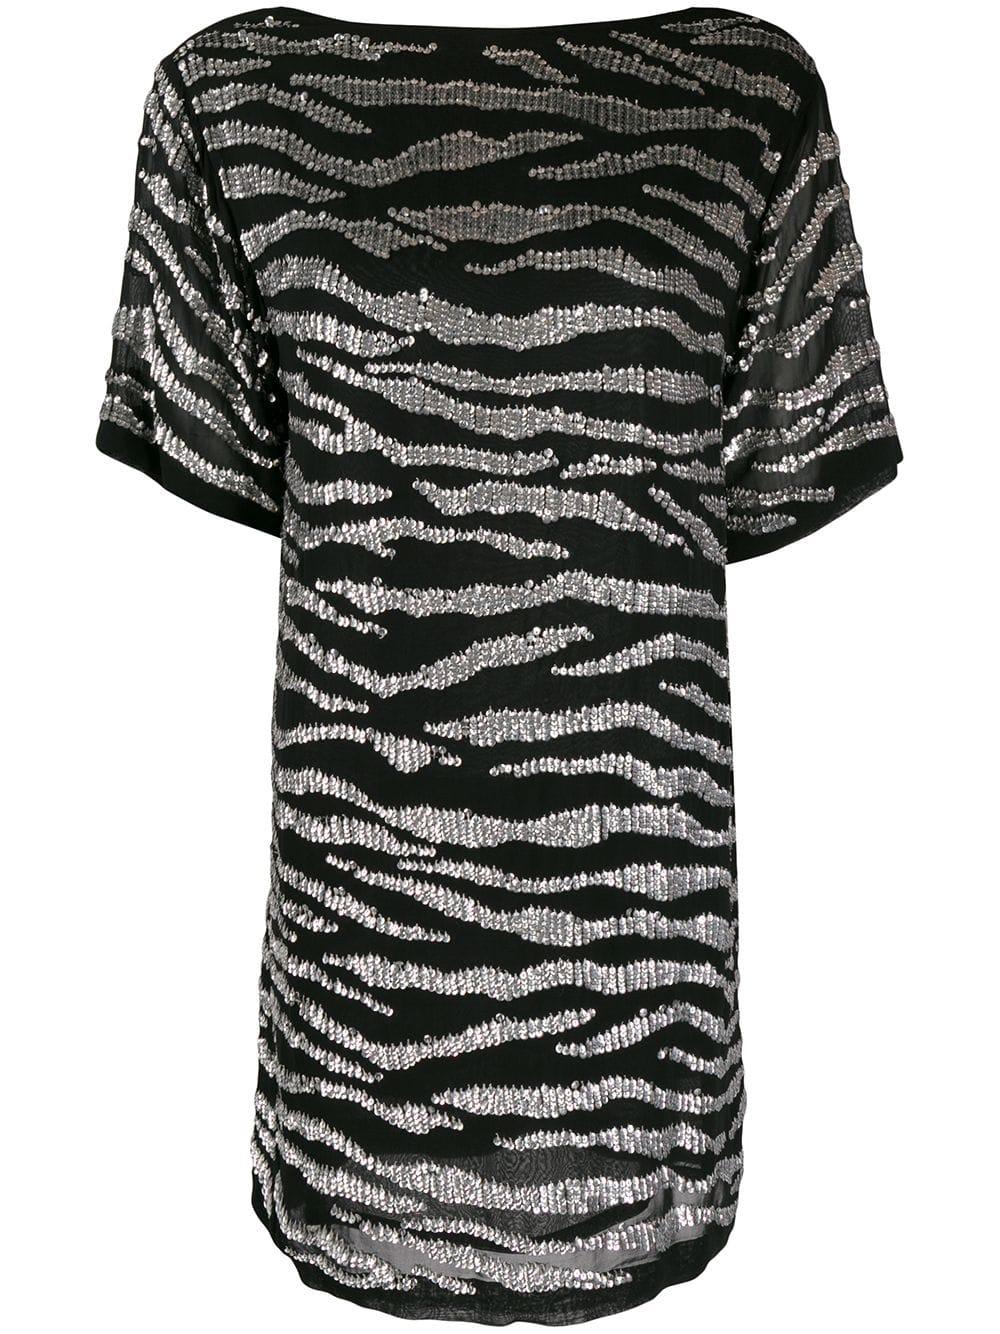 short black zebra stripes dress with sequins P.A.R.O.S.H.      D720902-GEBRA857